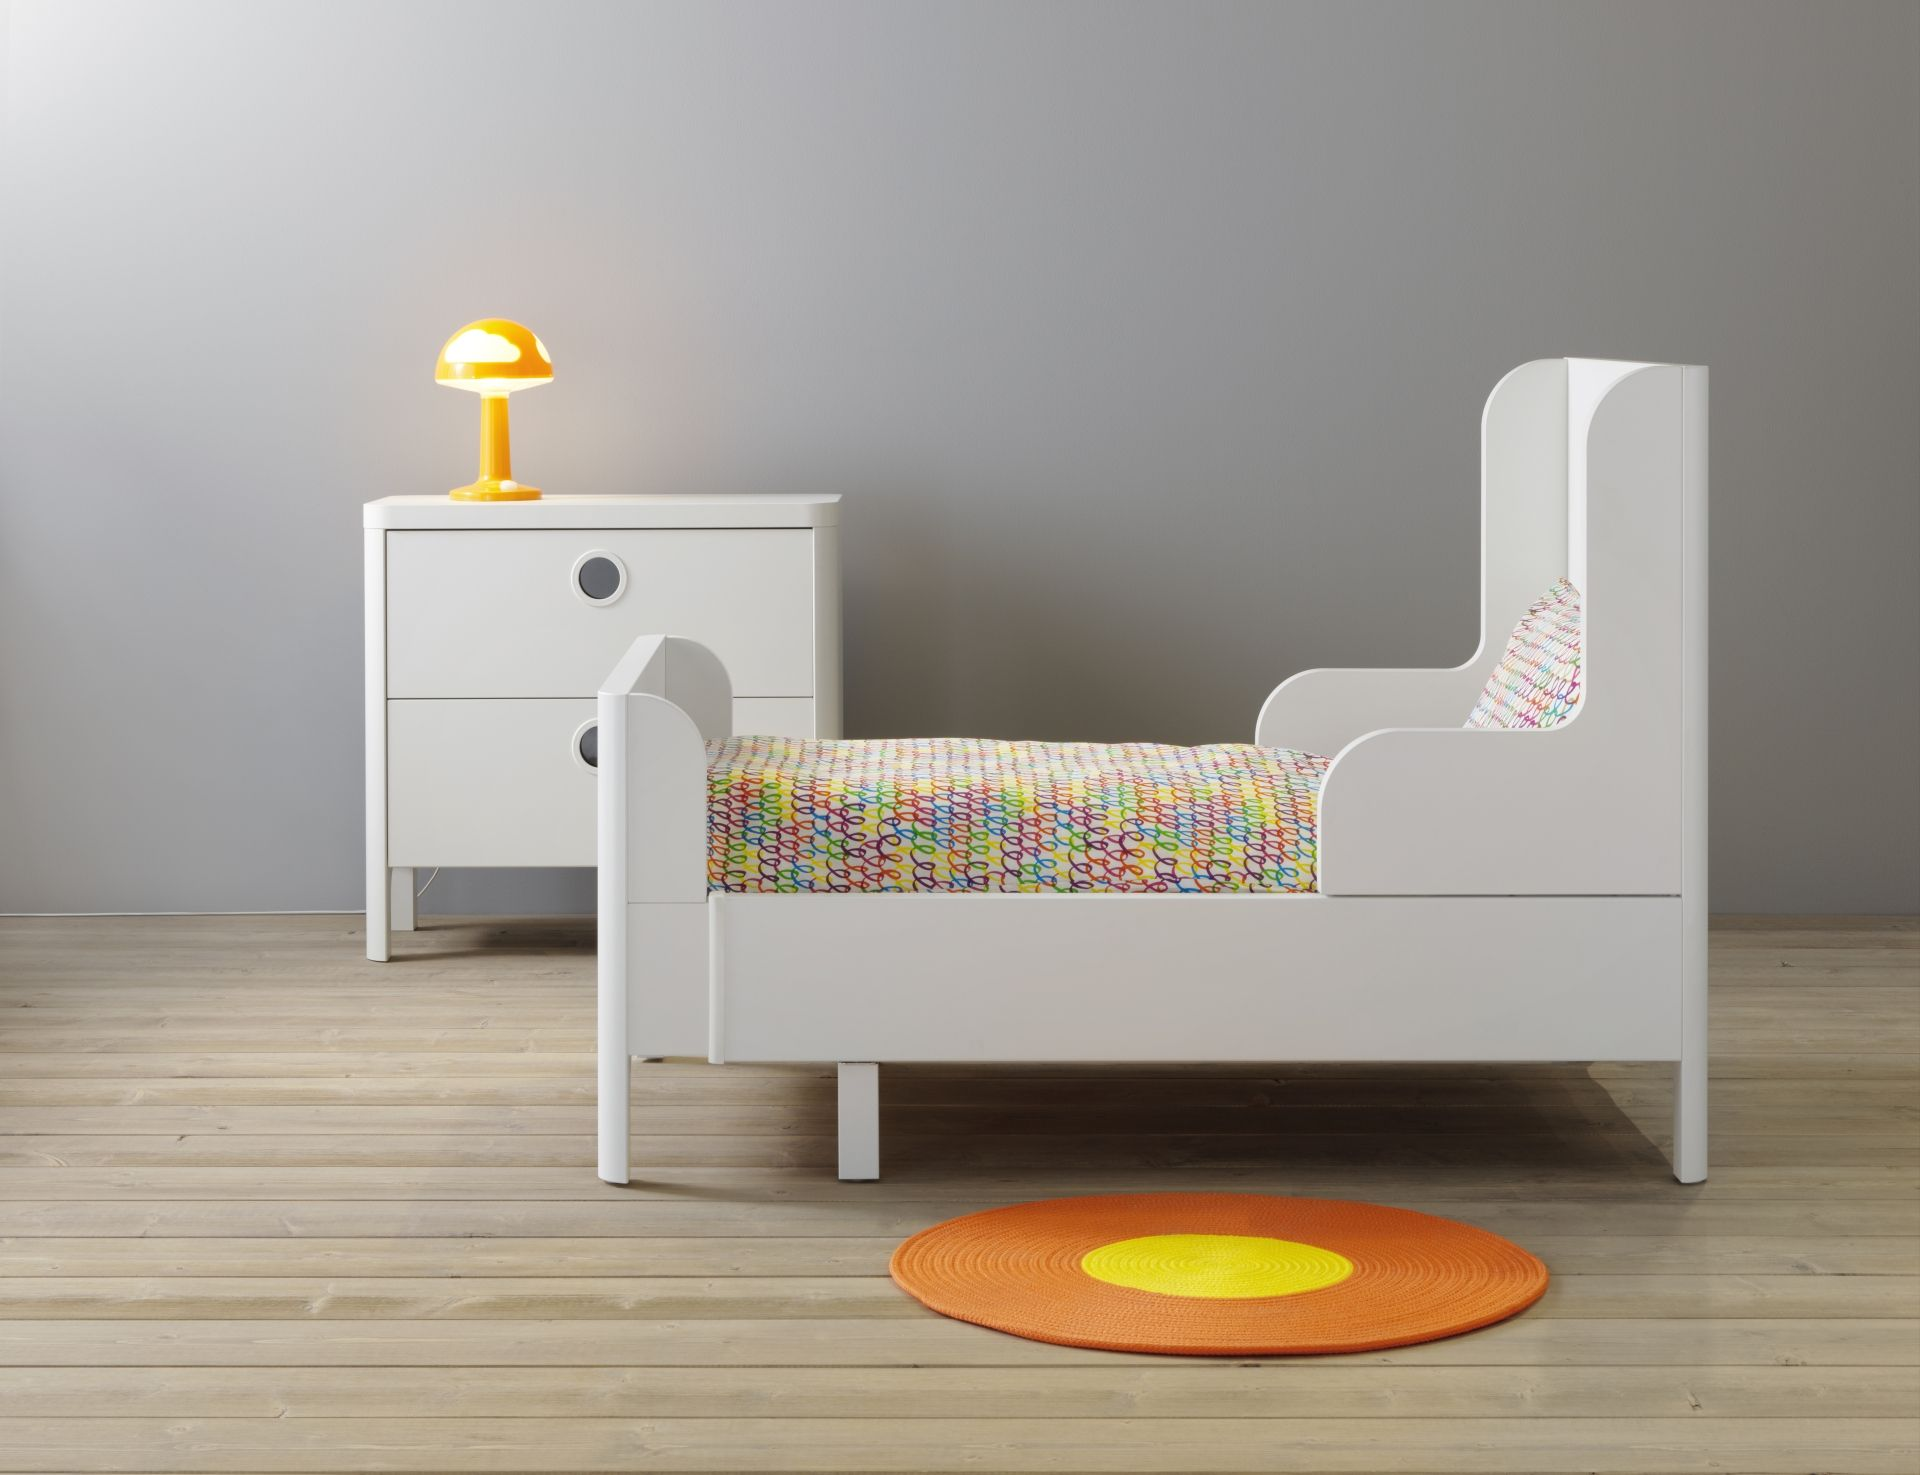 Busunge Meegroeibed Wit Ikea Ladekast En Roos Slaapkamer